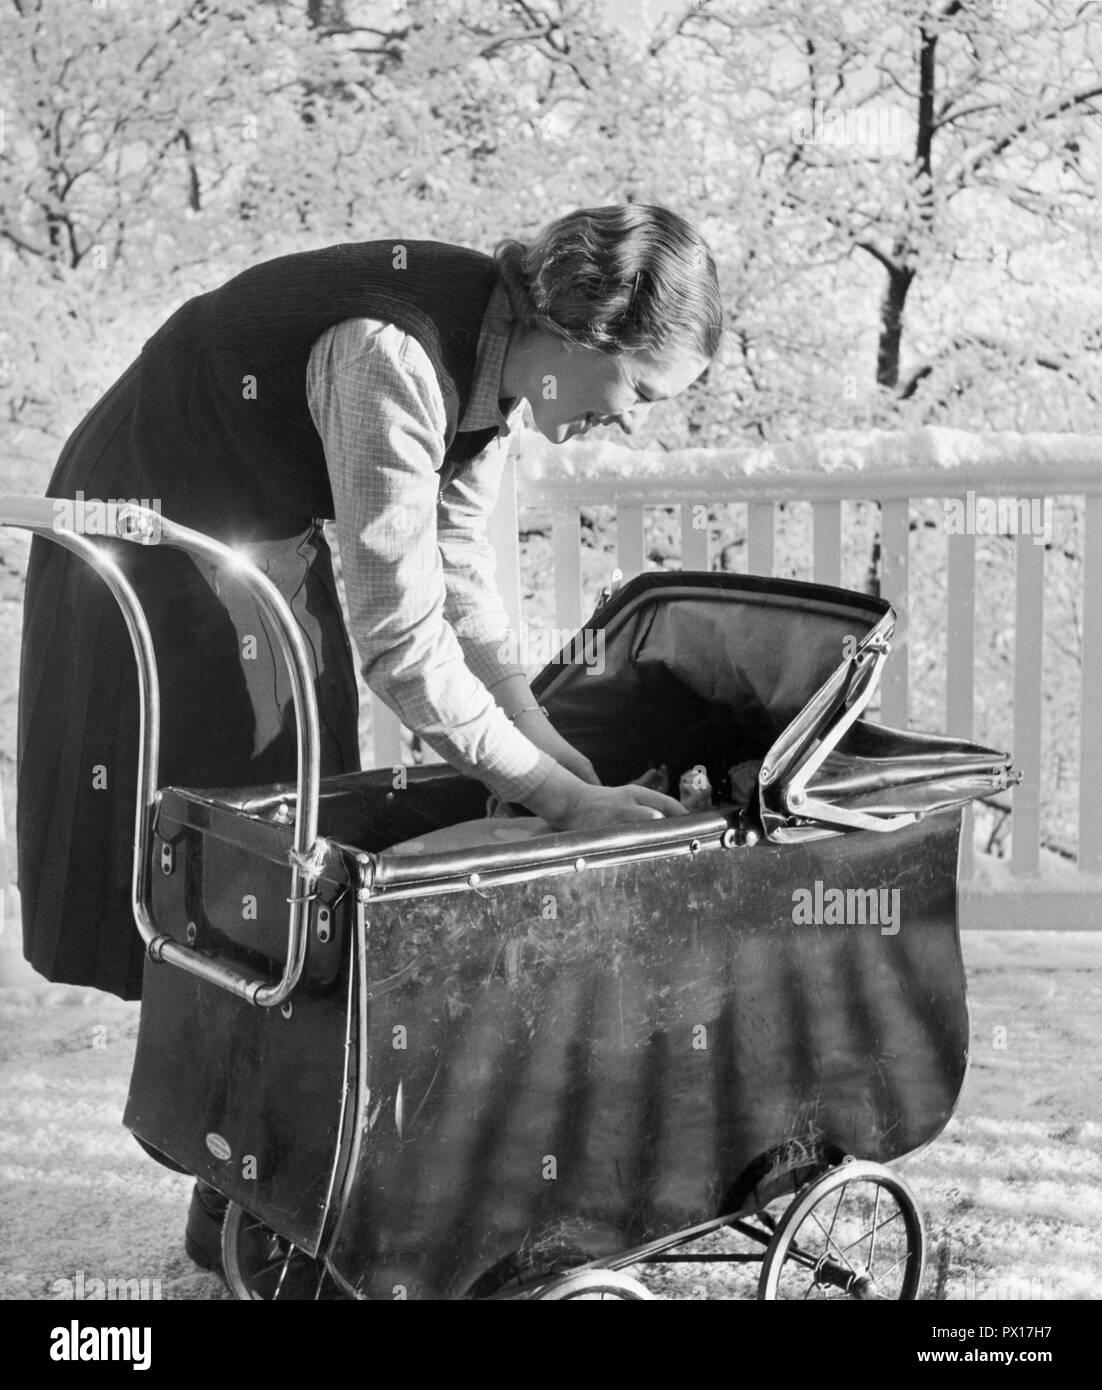 Mutter mit Kind in den 1940er Jahren. Frau Norrby mit ihrer Tochter Margareta in einem Kinderwagen an einem Wintertag. Schweden 1942 Stockbild